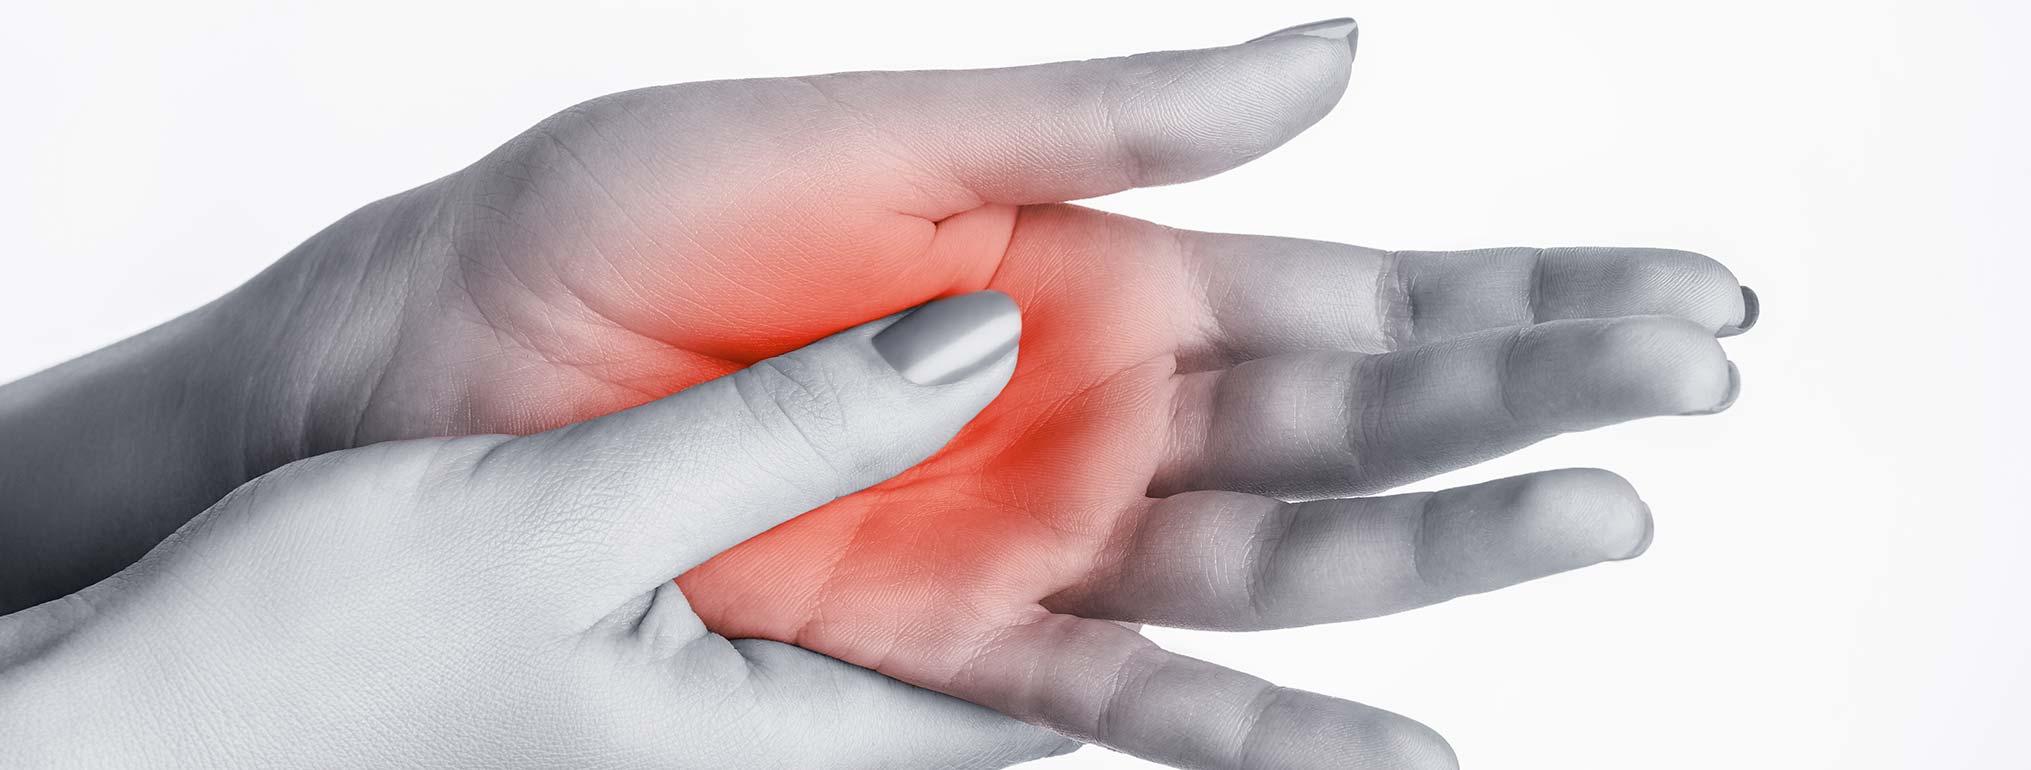 Paresthesia | How do I stop nu...